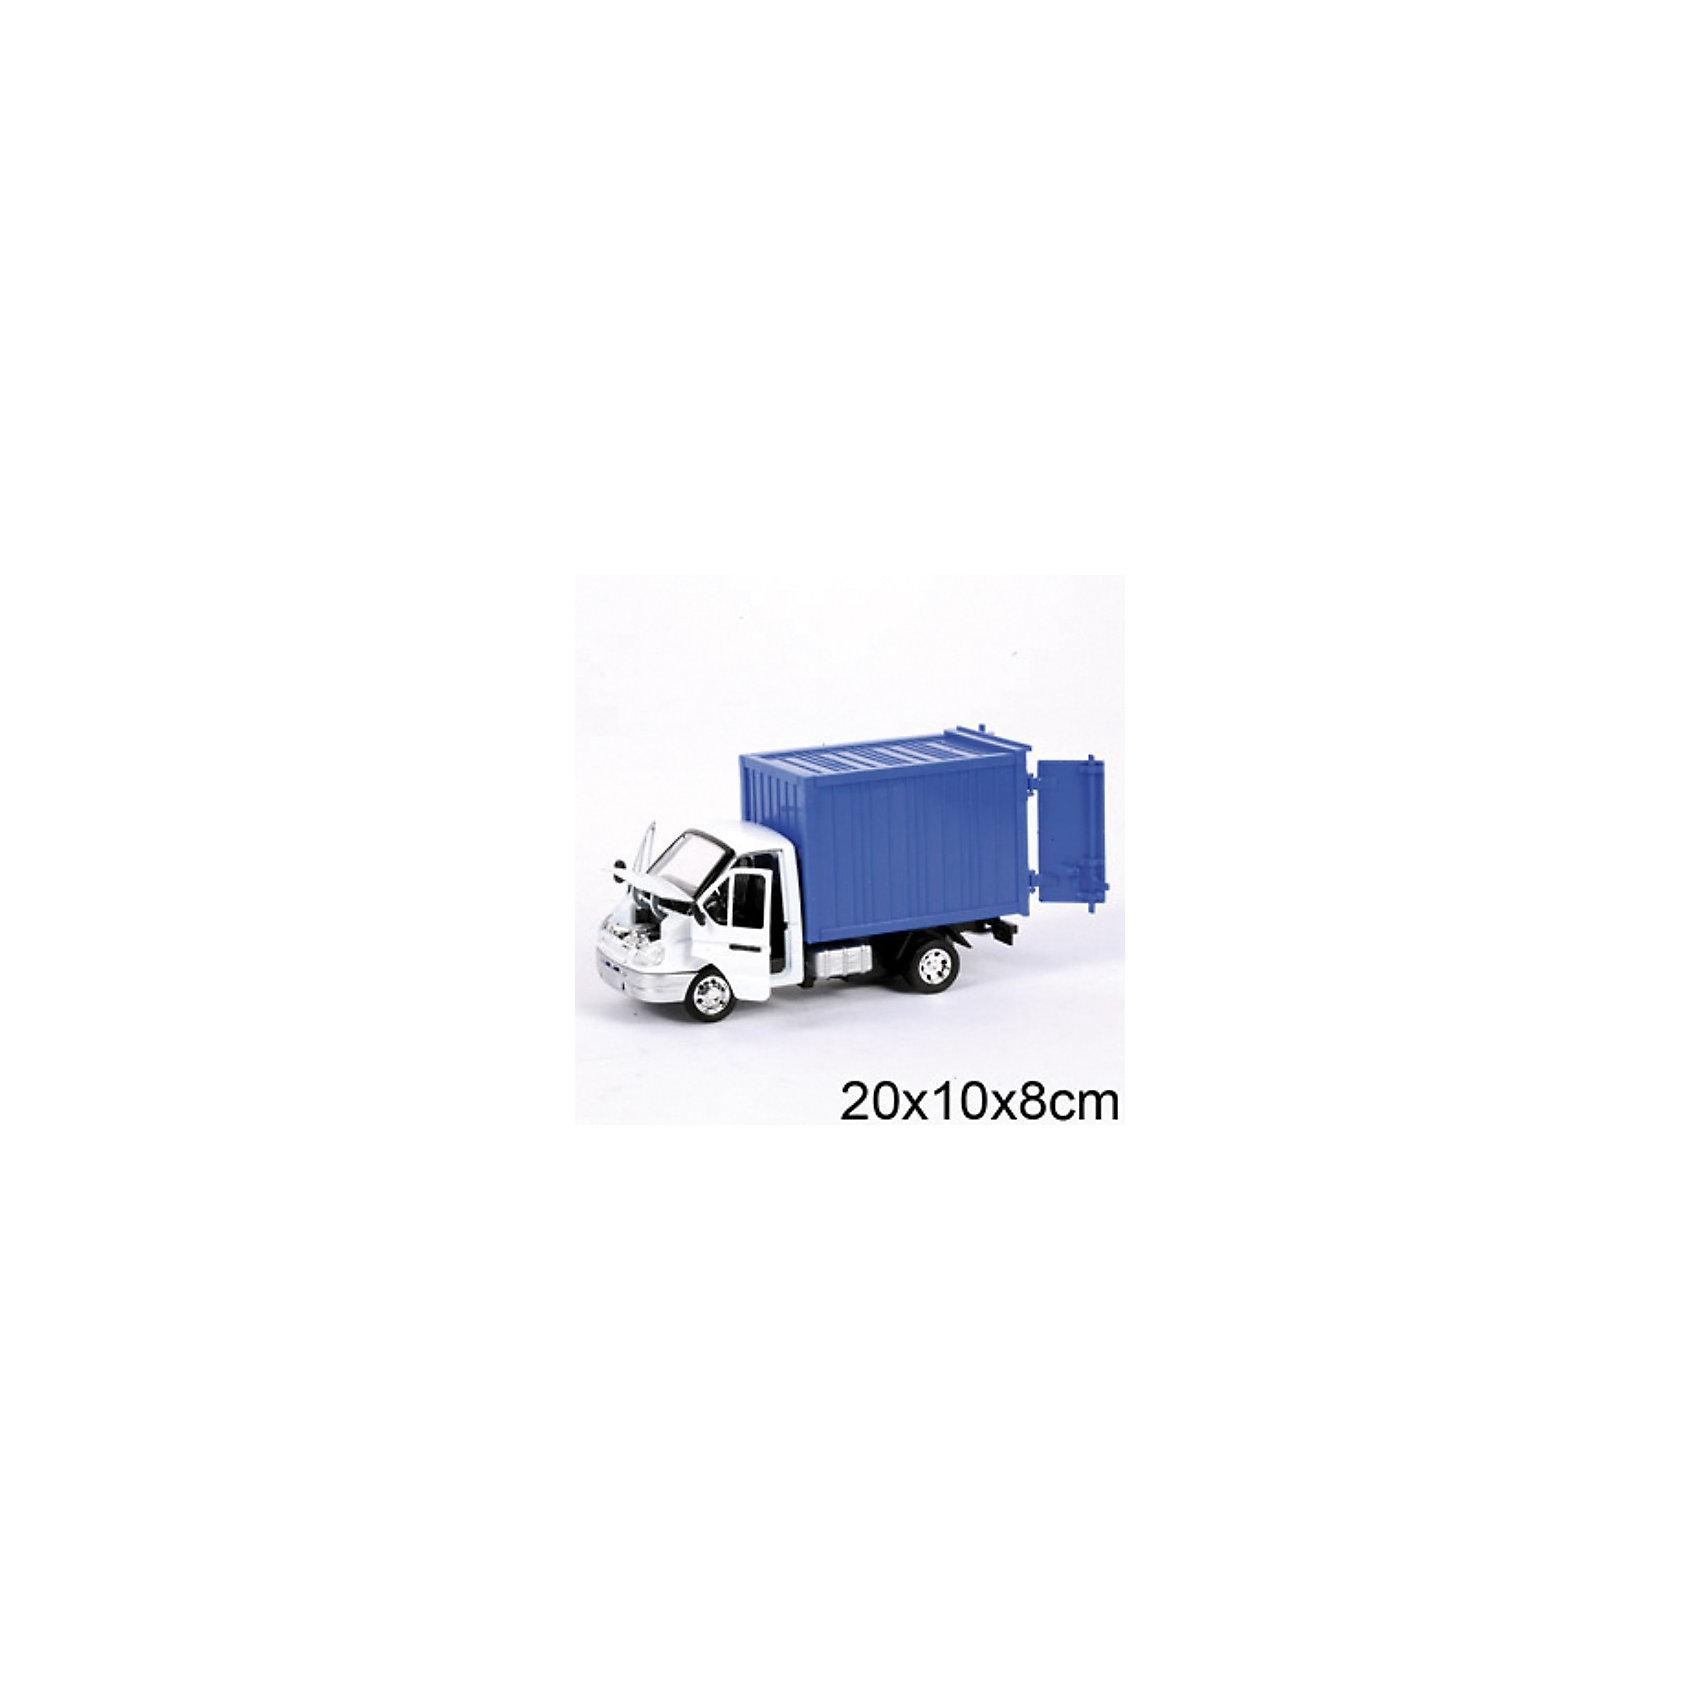 ТЕХНОПАРК ГазельТЕХНОПАРК Газель<br><br>Характеристики:<br><br>• капот, кузов и двери открываются<br>• изготовлена из прочных материалов<br>• масштаб: 1:43<br>• инерционный механизм<br>• размер упаковки: 20х10х8 см<br>• вес: 295 грамм<br>• материал: пластик, металл<br><br>Газель - грузовой автомобиль, способный перевозить до 1,5 тонн. Маленькая копия газели от Технопарк станет лучшим помощником для перевозки игрушечных грузов. Дверцы кабины и кузова открываются. В случае поломки водитель сможет открыть капот и починить свою машину. Газель имеет инерционный механизм и изготовлена из прочного пластика, обеспечивающего машине долговечность. Маленькая газель отлично дополнит автопарк вашего ребенка!<br><br>ТЕХНОПАРК газель можно купить в нашем интернет-магазине.<br><br>Ширина мм: 220<br>Глубина мм: 80<br>Высота мм: 170<br>Вес г: 260<br>Возраст от месяцев: 36<br>Возраст до месяцев: 120<br>Пол: Мужской<br>Возраст: Детский<br>SKU: 2149083